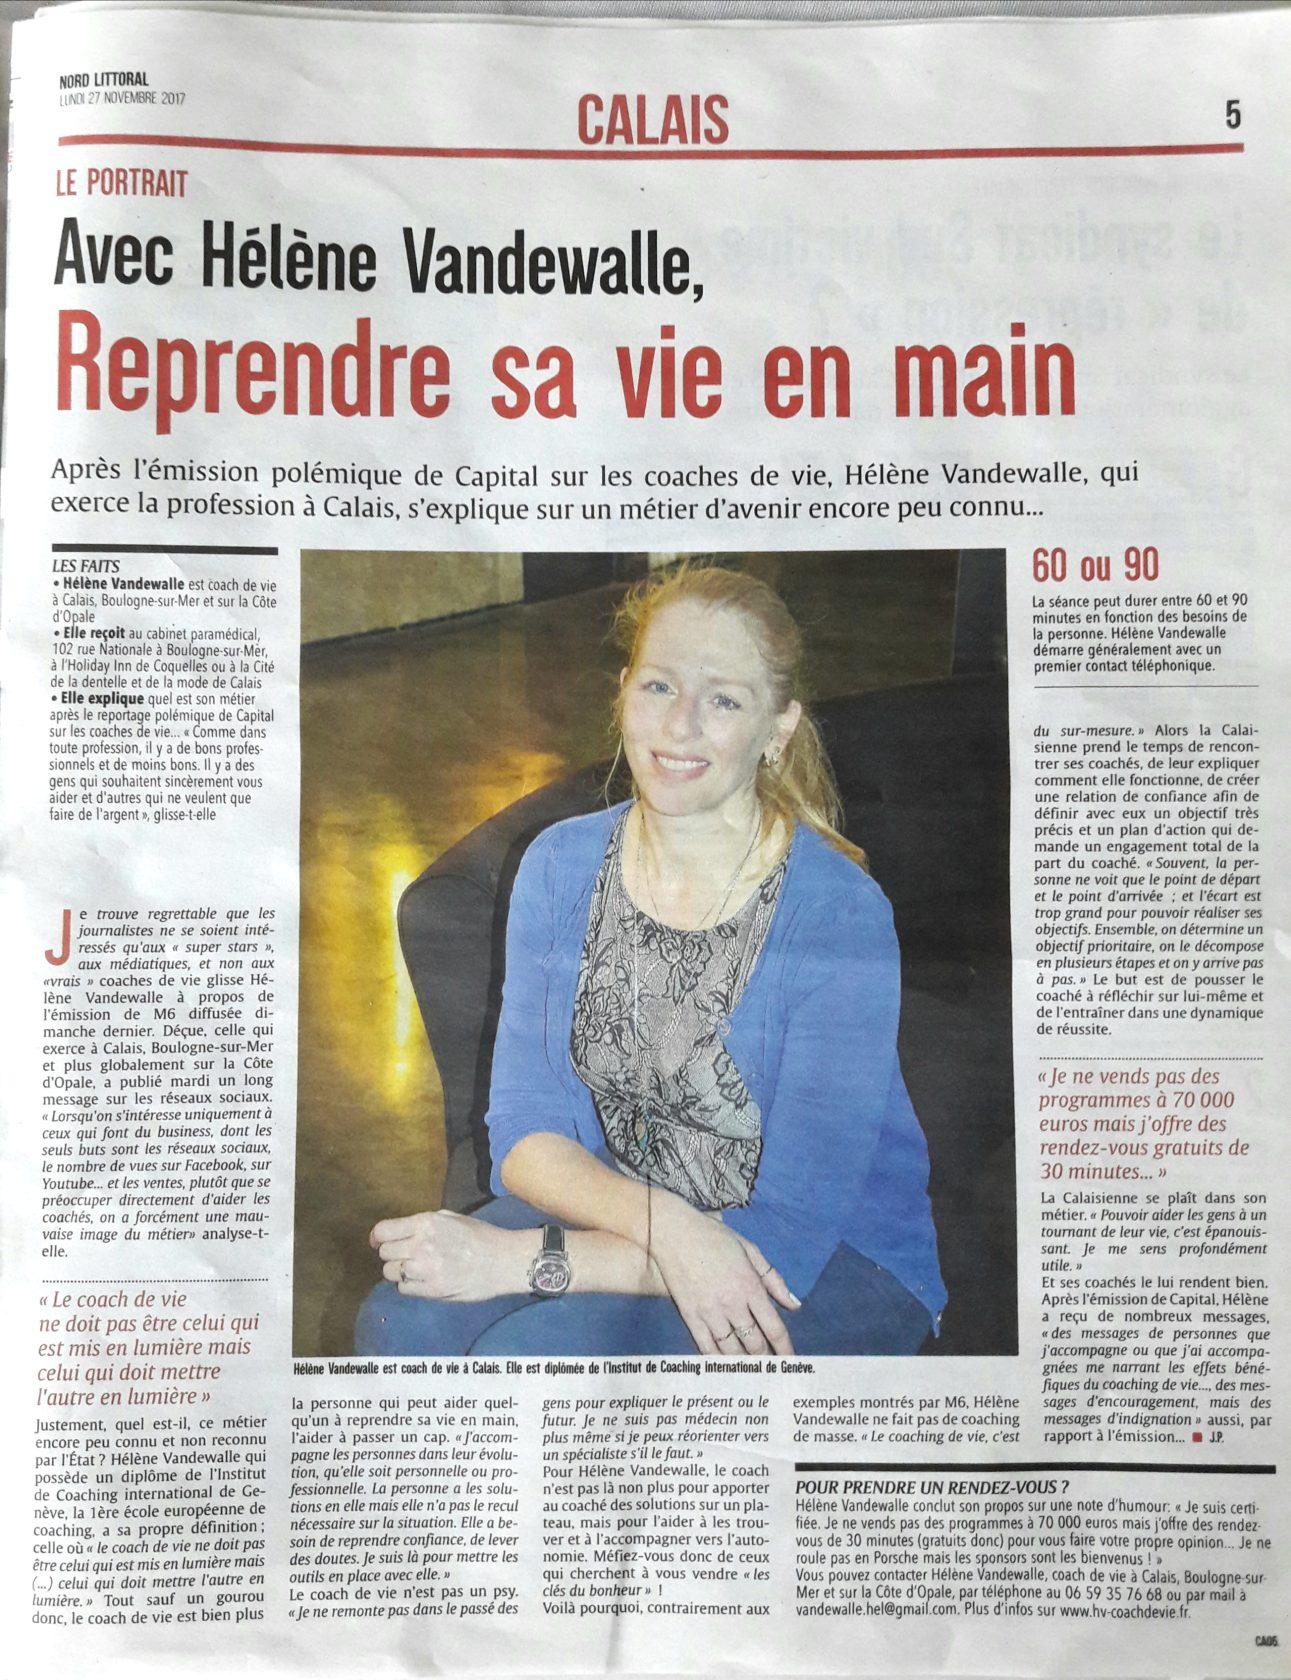 Hélène Vandewalle, coach de vie, article presse de Nord Littoral Calais